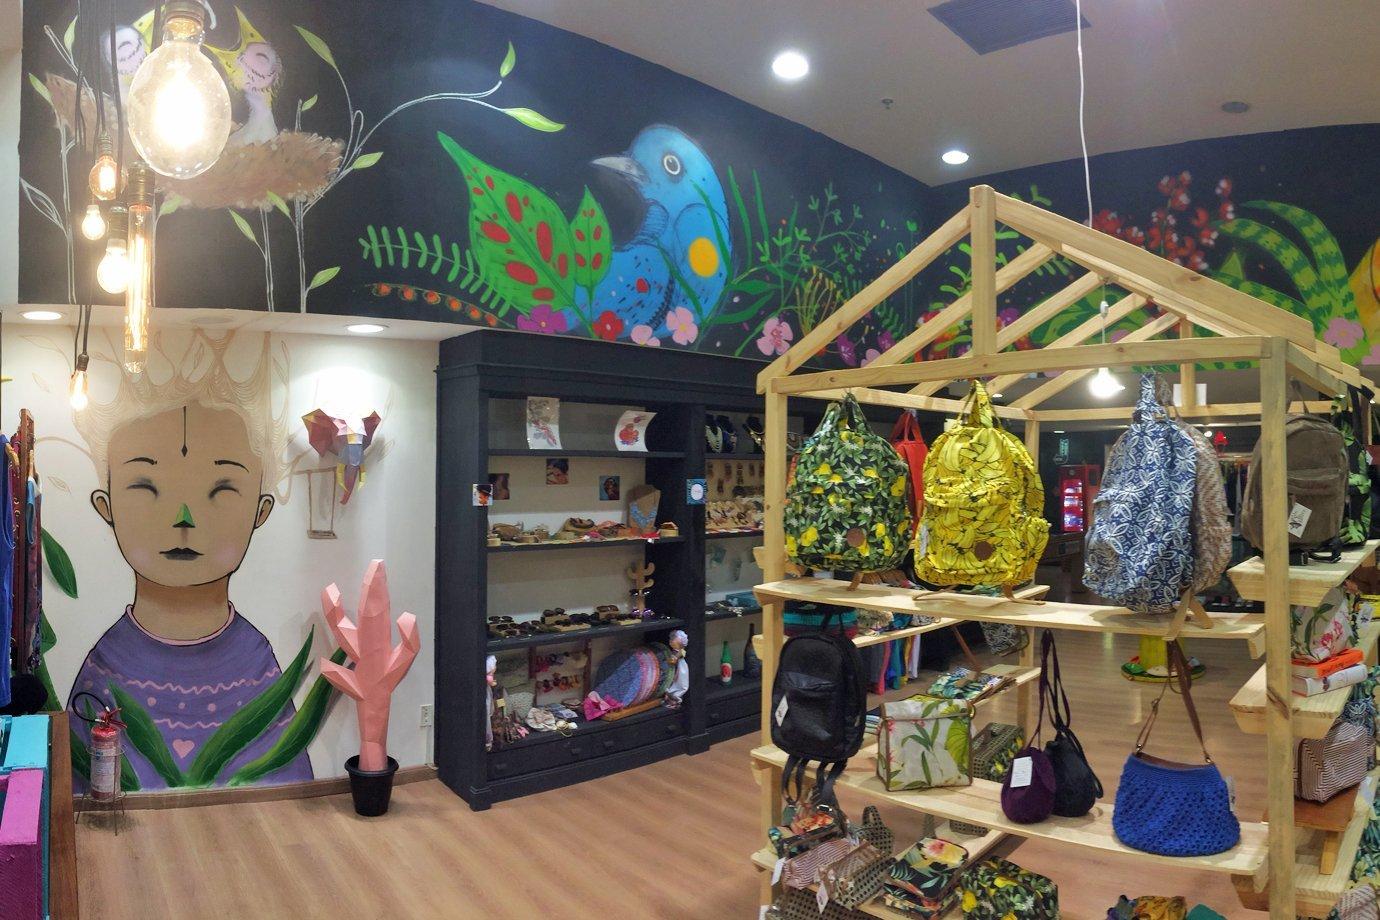 Somos, loja colaborativa em Salvador